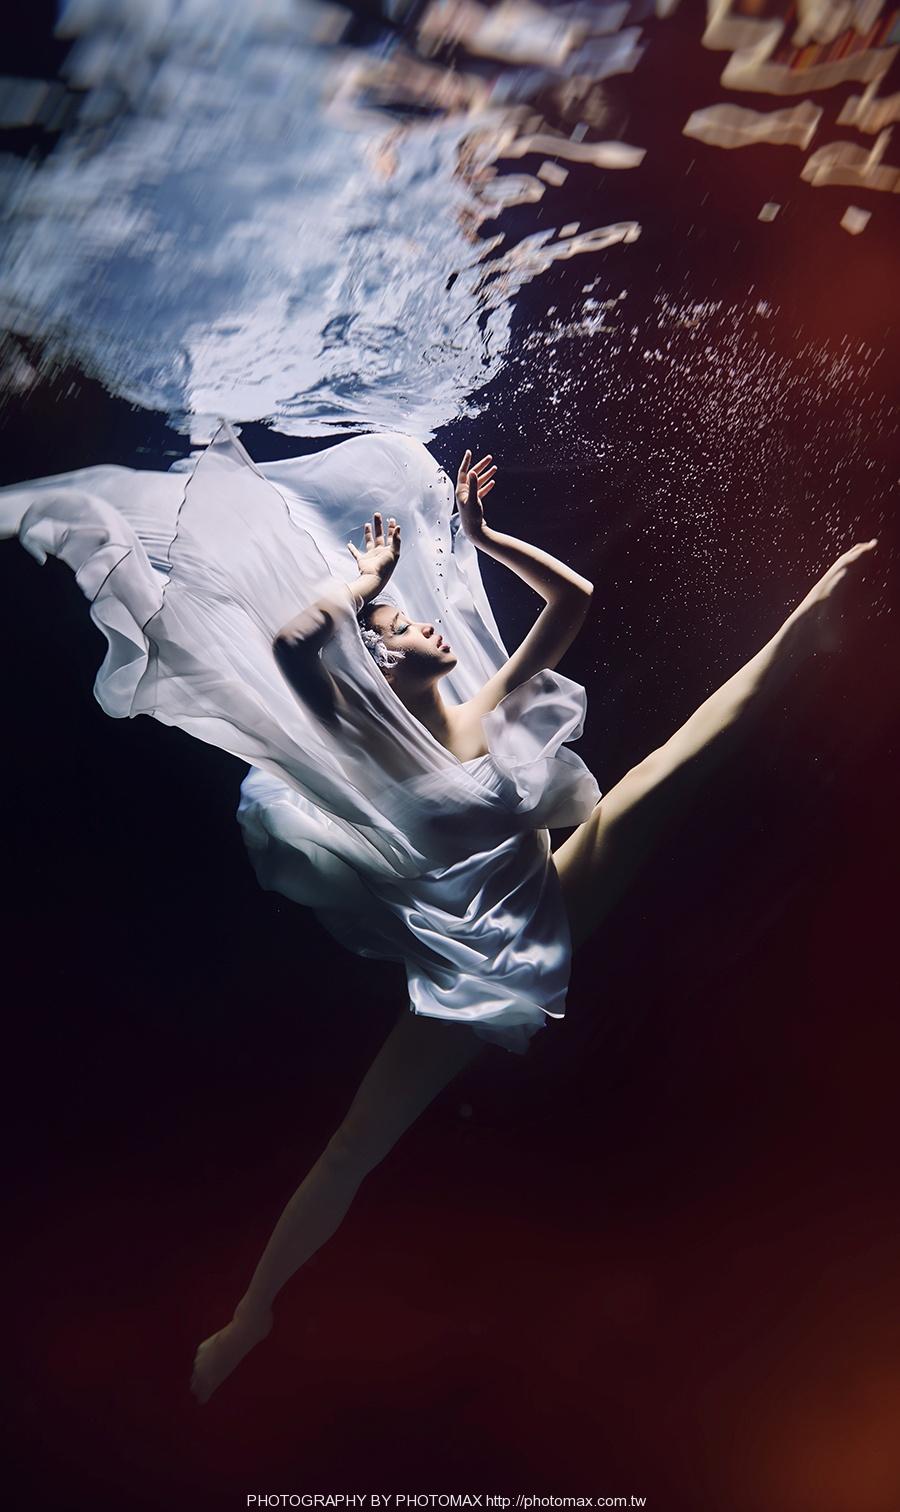 水下婚纱摄影 老麦摄影 创意婚纱摄影 (6)